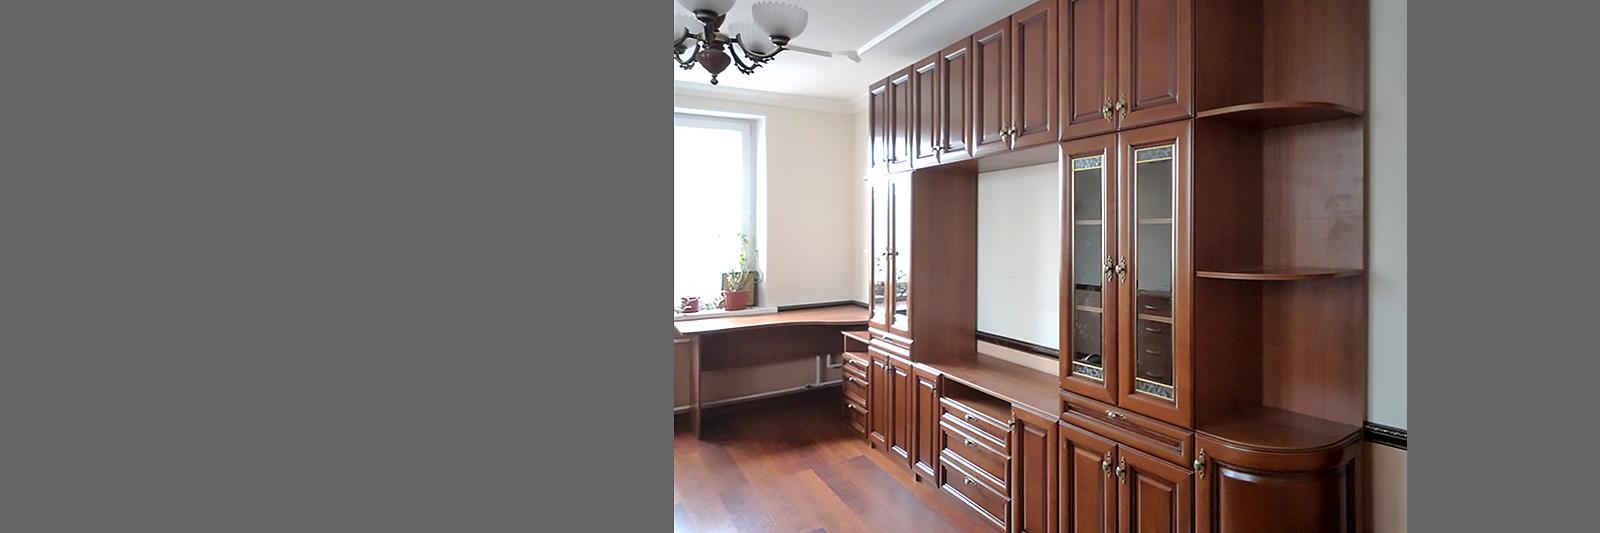 Мебель в домашние библиотеки и кабинеты на заказ